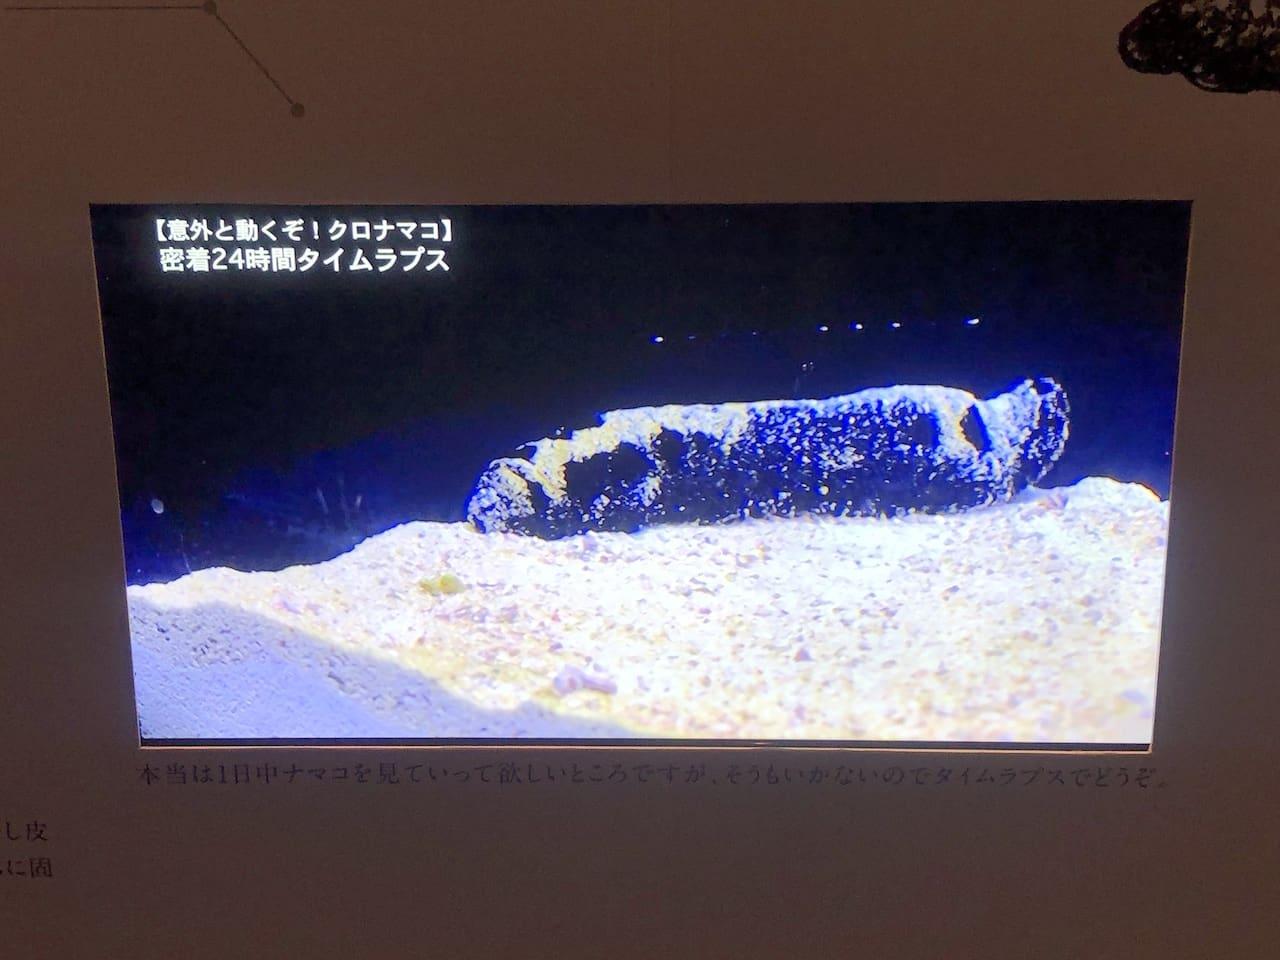 クロナマコの動きをタイムラプスで再生した映像